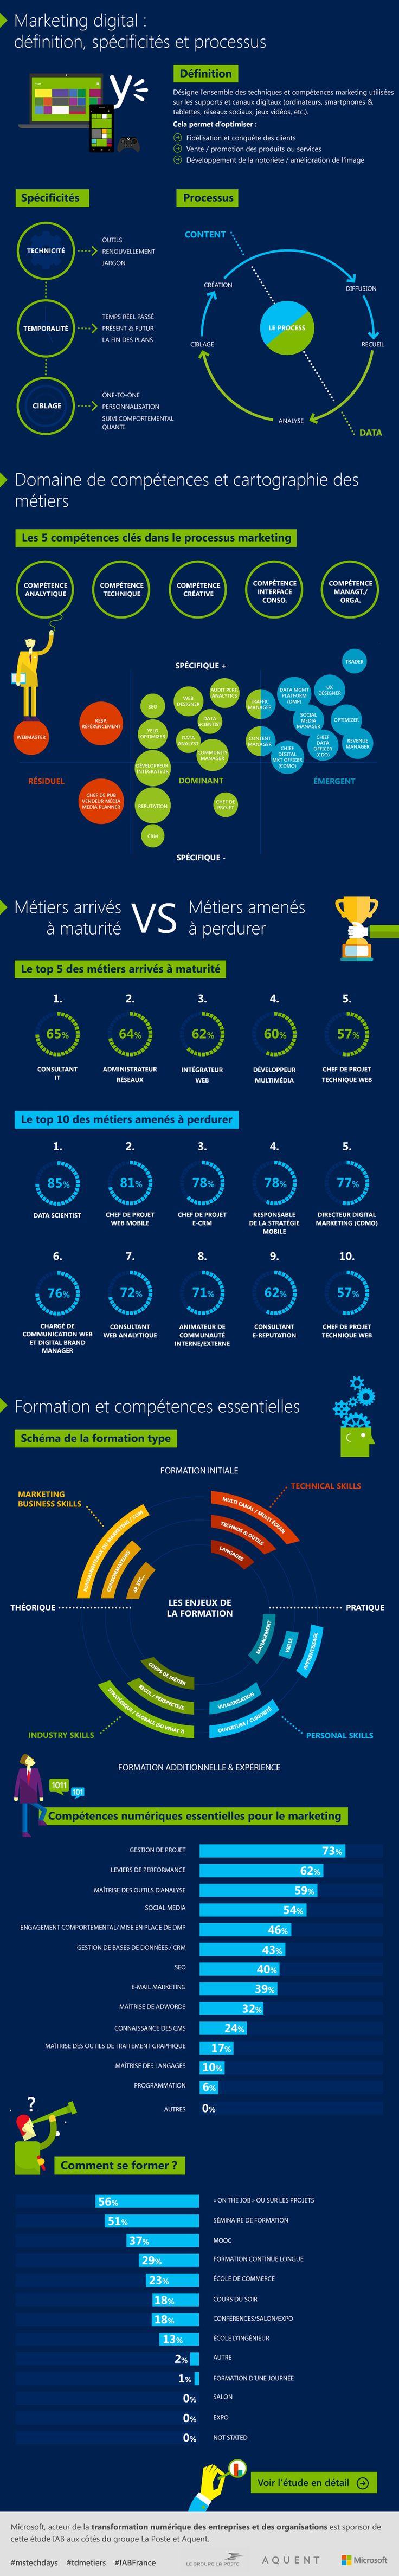 Marketing et Communication : les emplois (et compétences) de demain